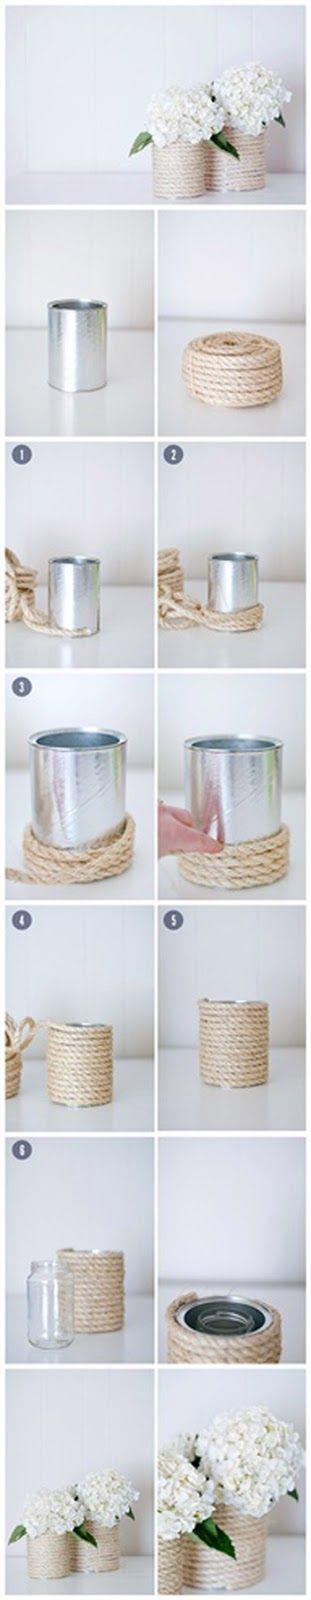 Tutorial de base rústica para centro de mesa utilizando cuerda de yute o cabuya. #ManualidadesParaFiestas